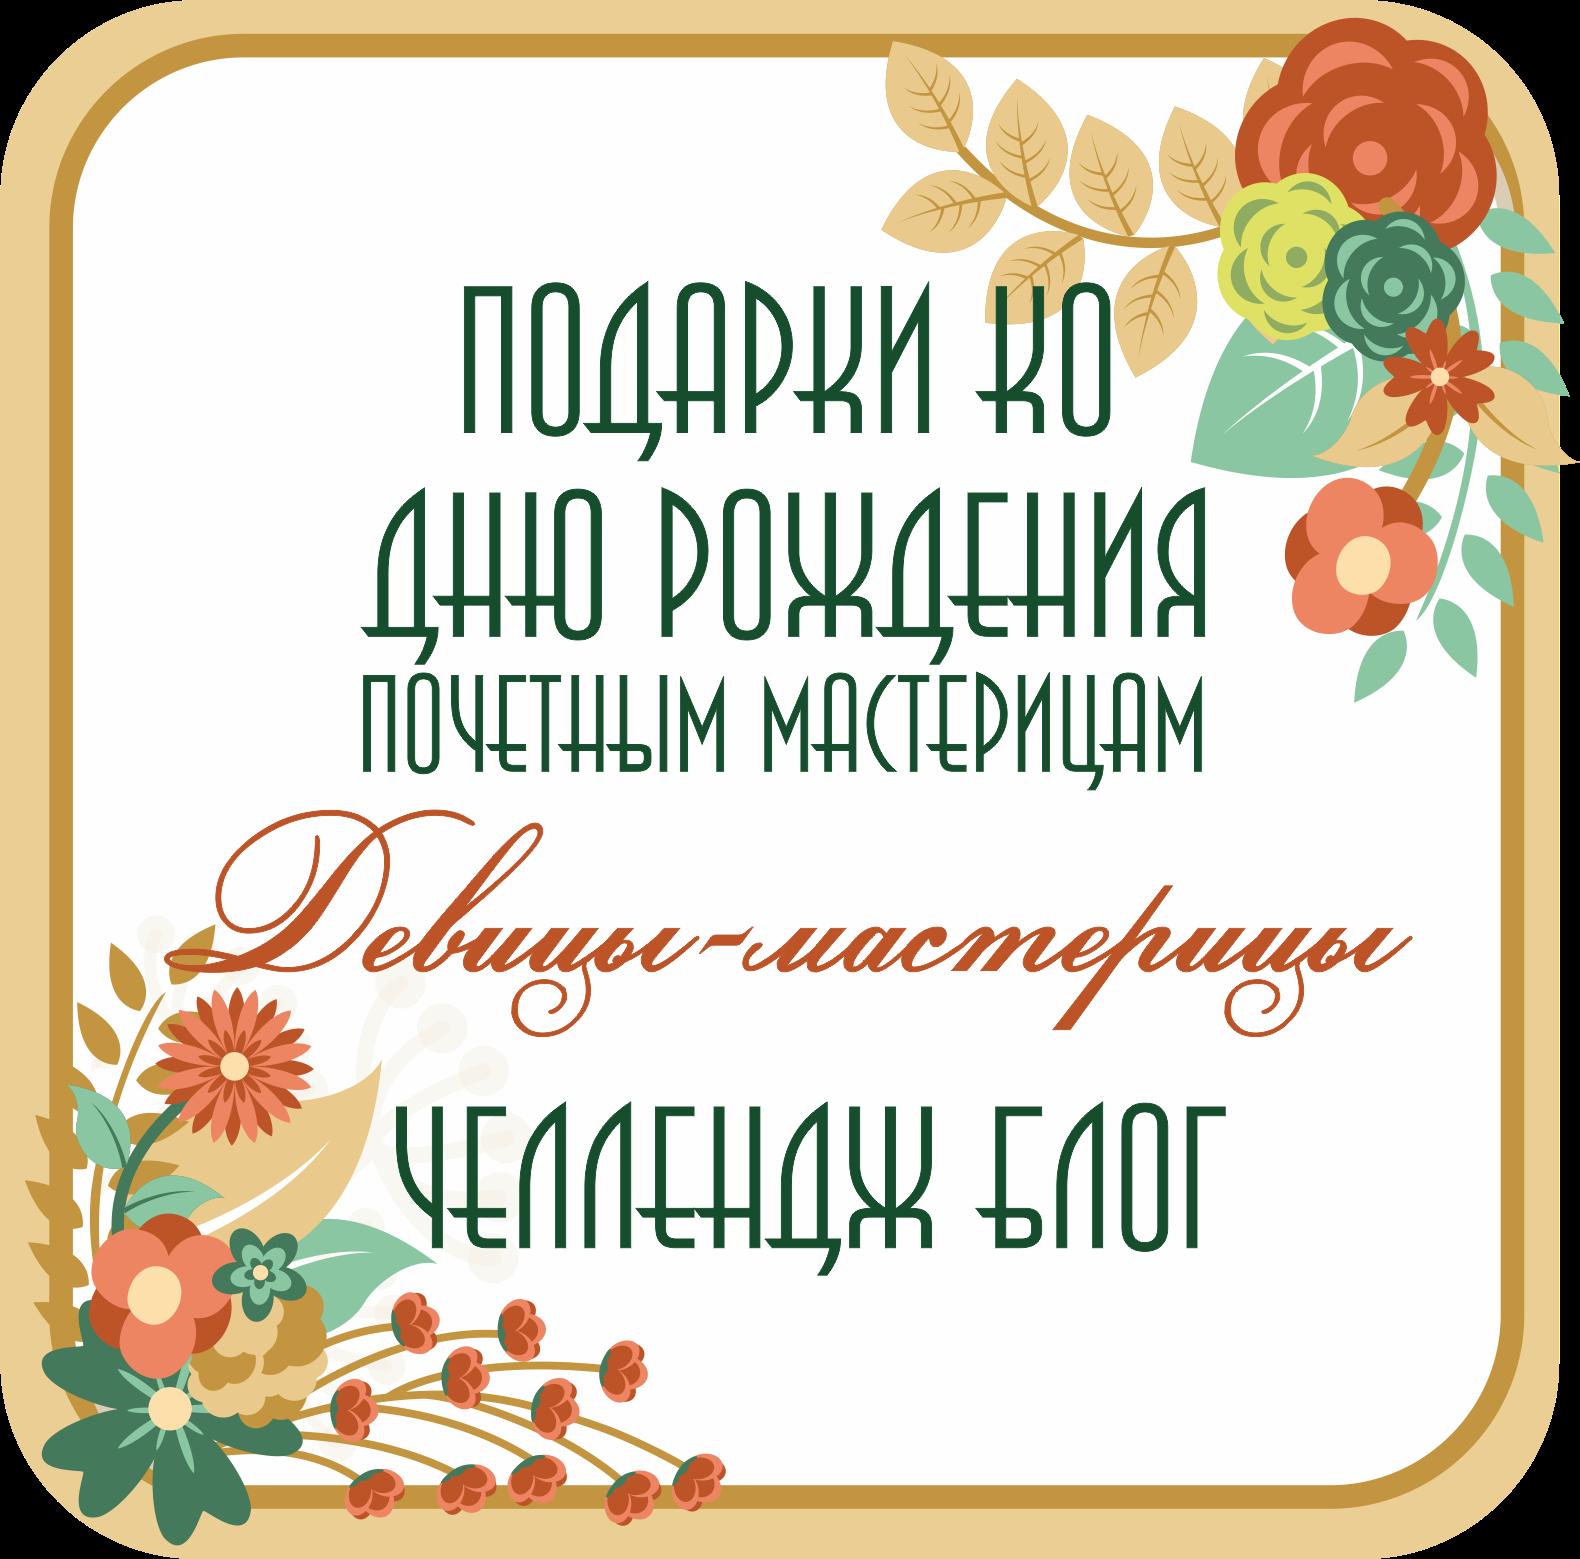 """Подарки ко ДР от ЧБ """"Девицы-мастерицы"""""""